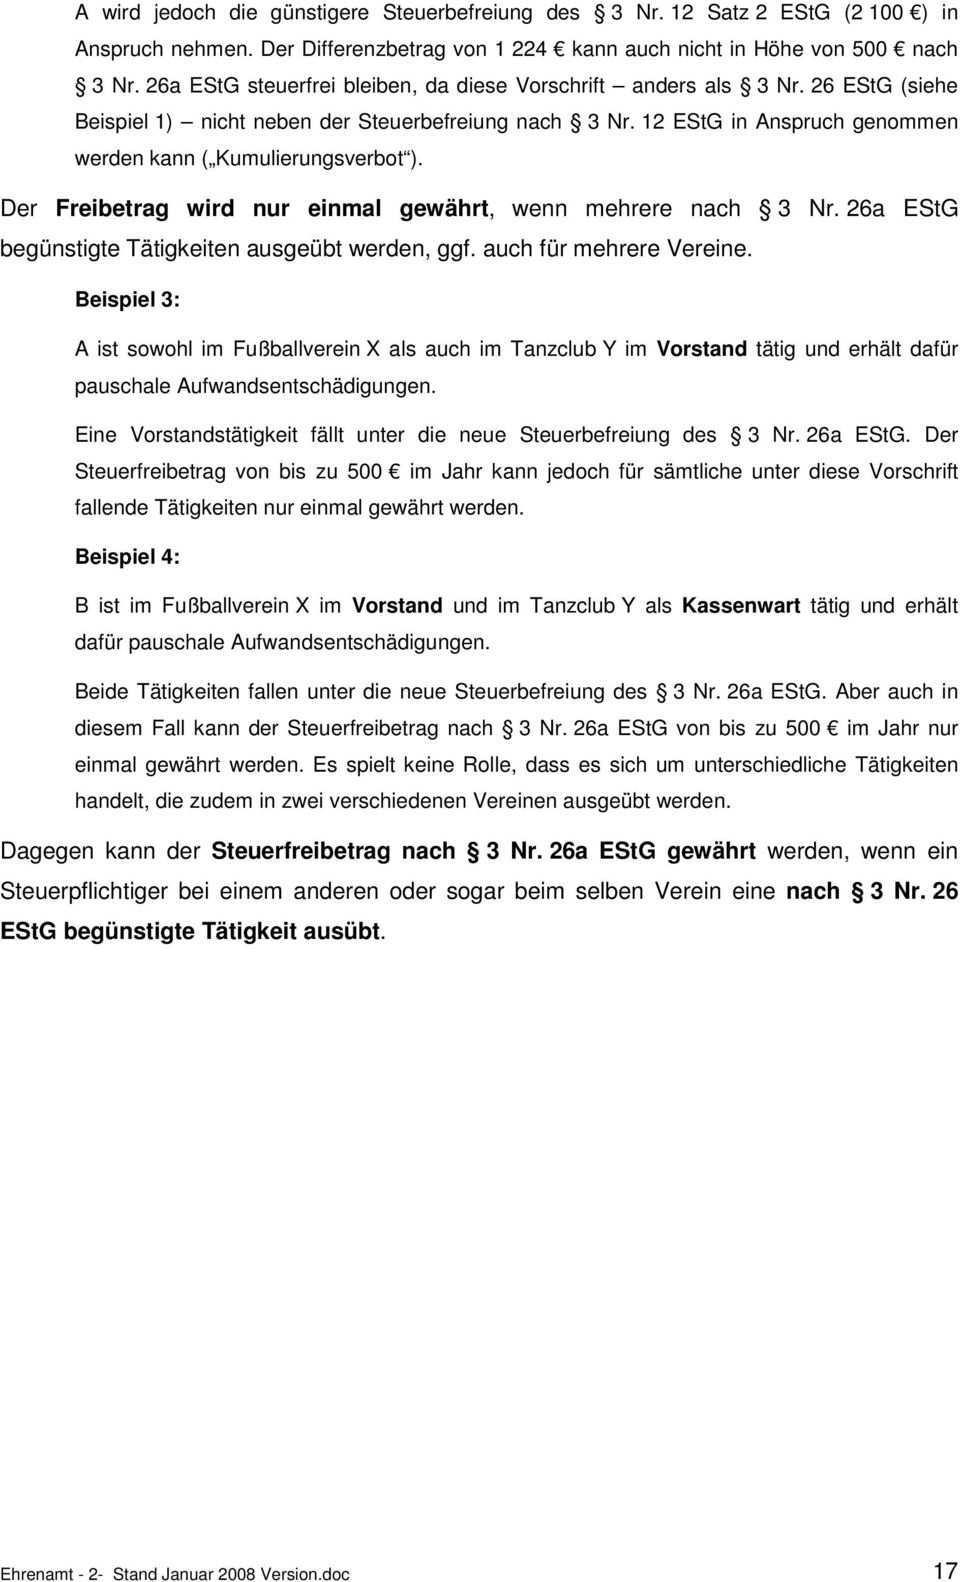 Ehrenamt Und Einkommensteuer Allgemeine Grundsatze Pdf Kostenfreier Download